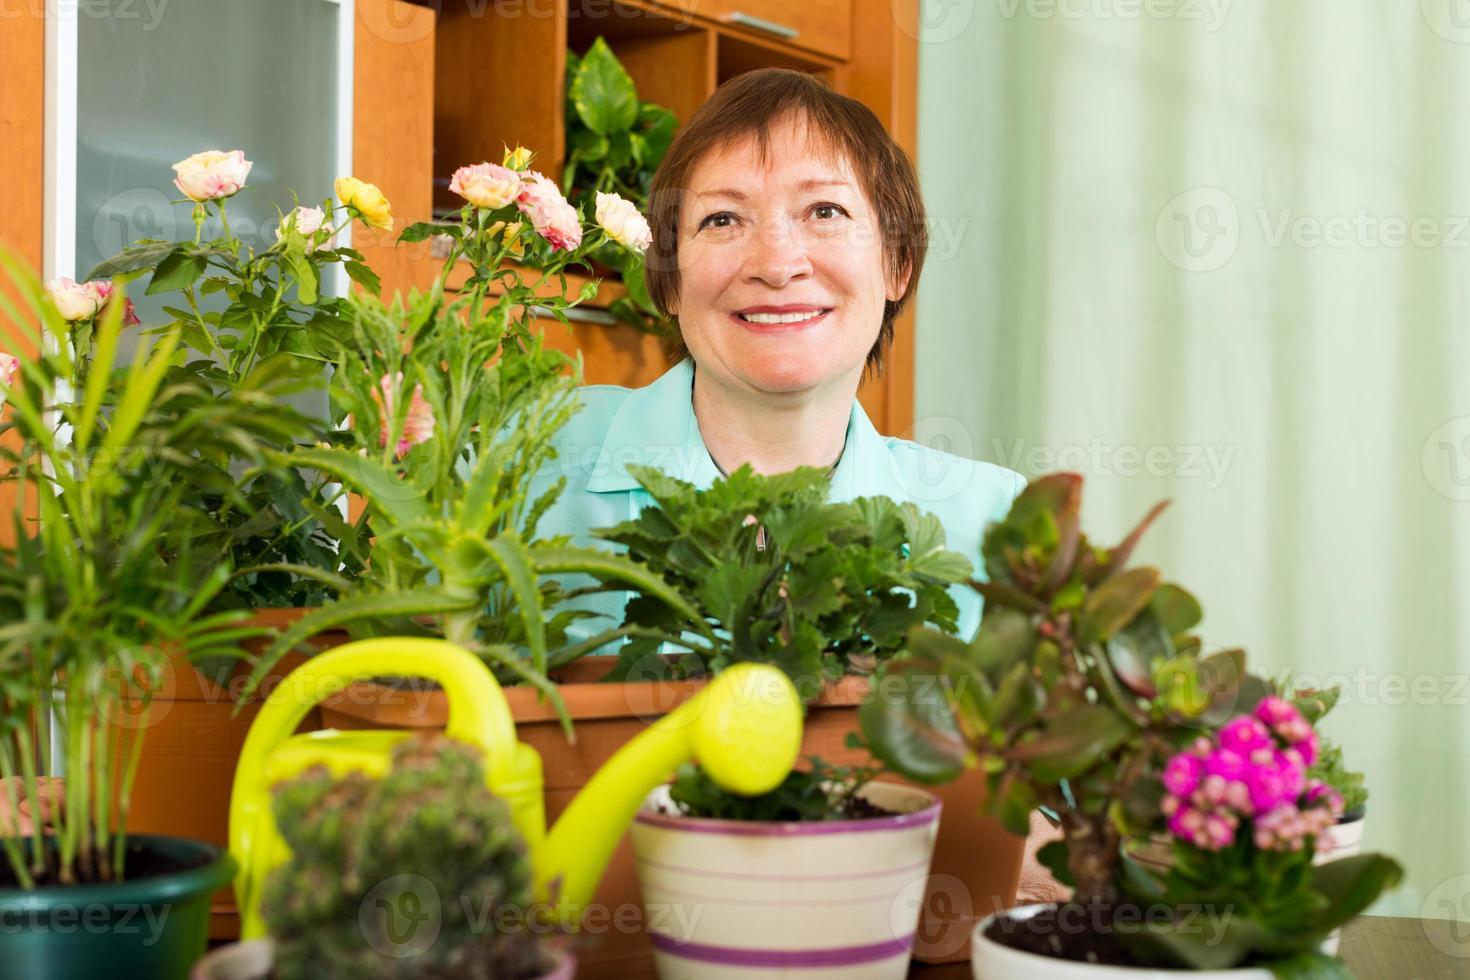 weiblicher reifer Gärtner mit lächelnden Pflanzen foto